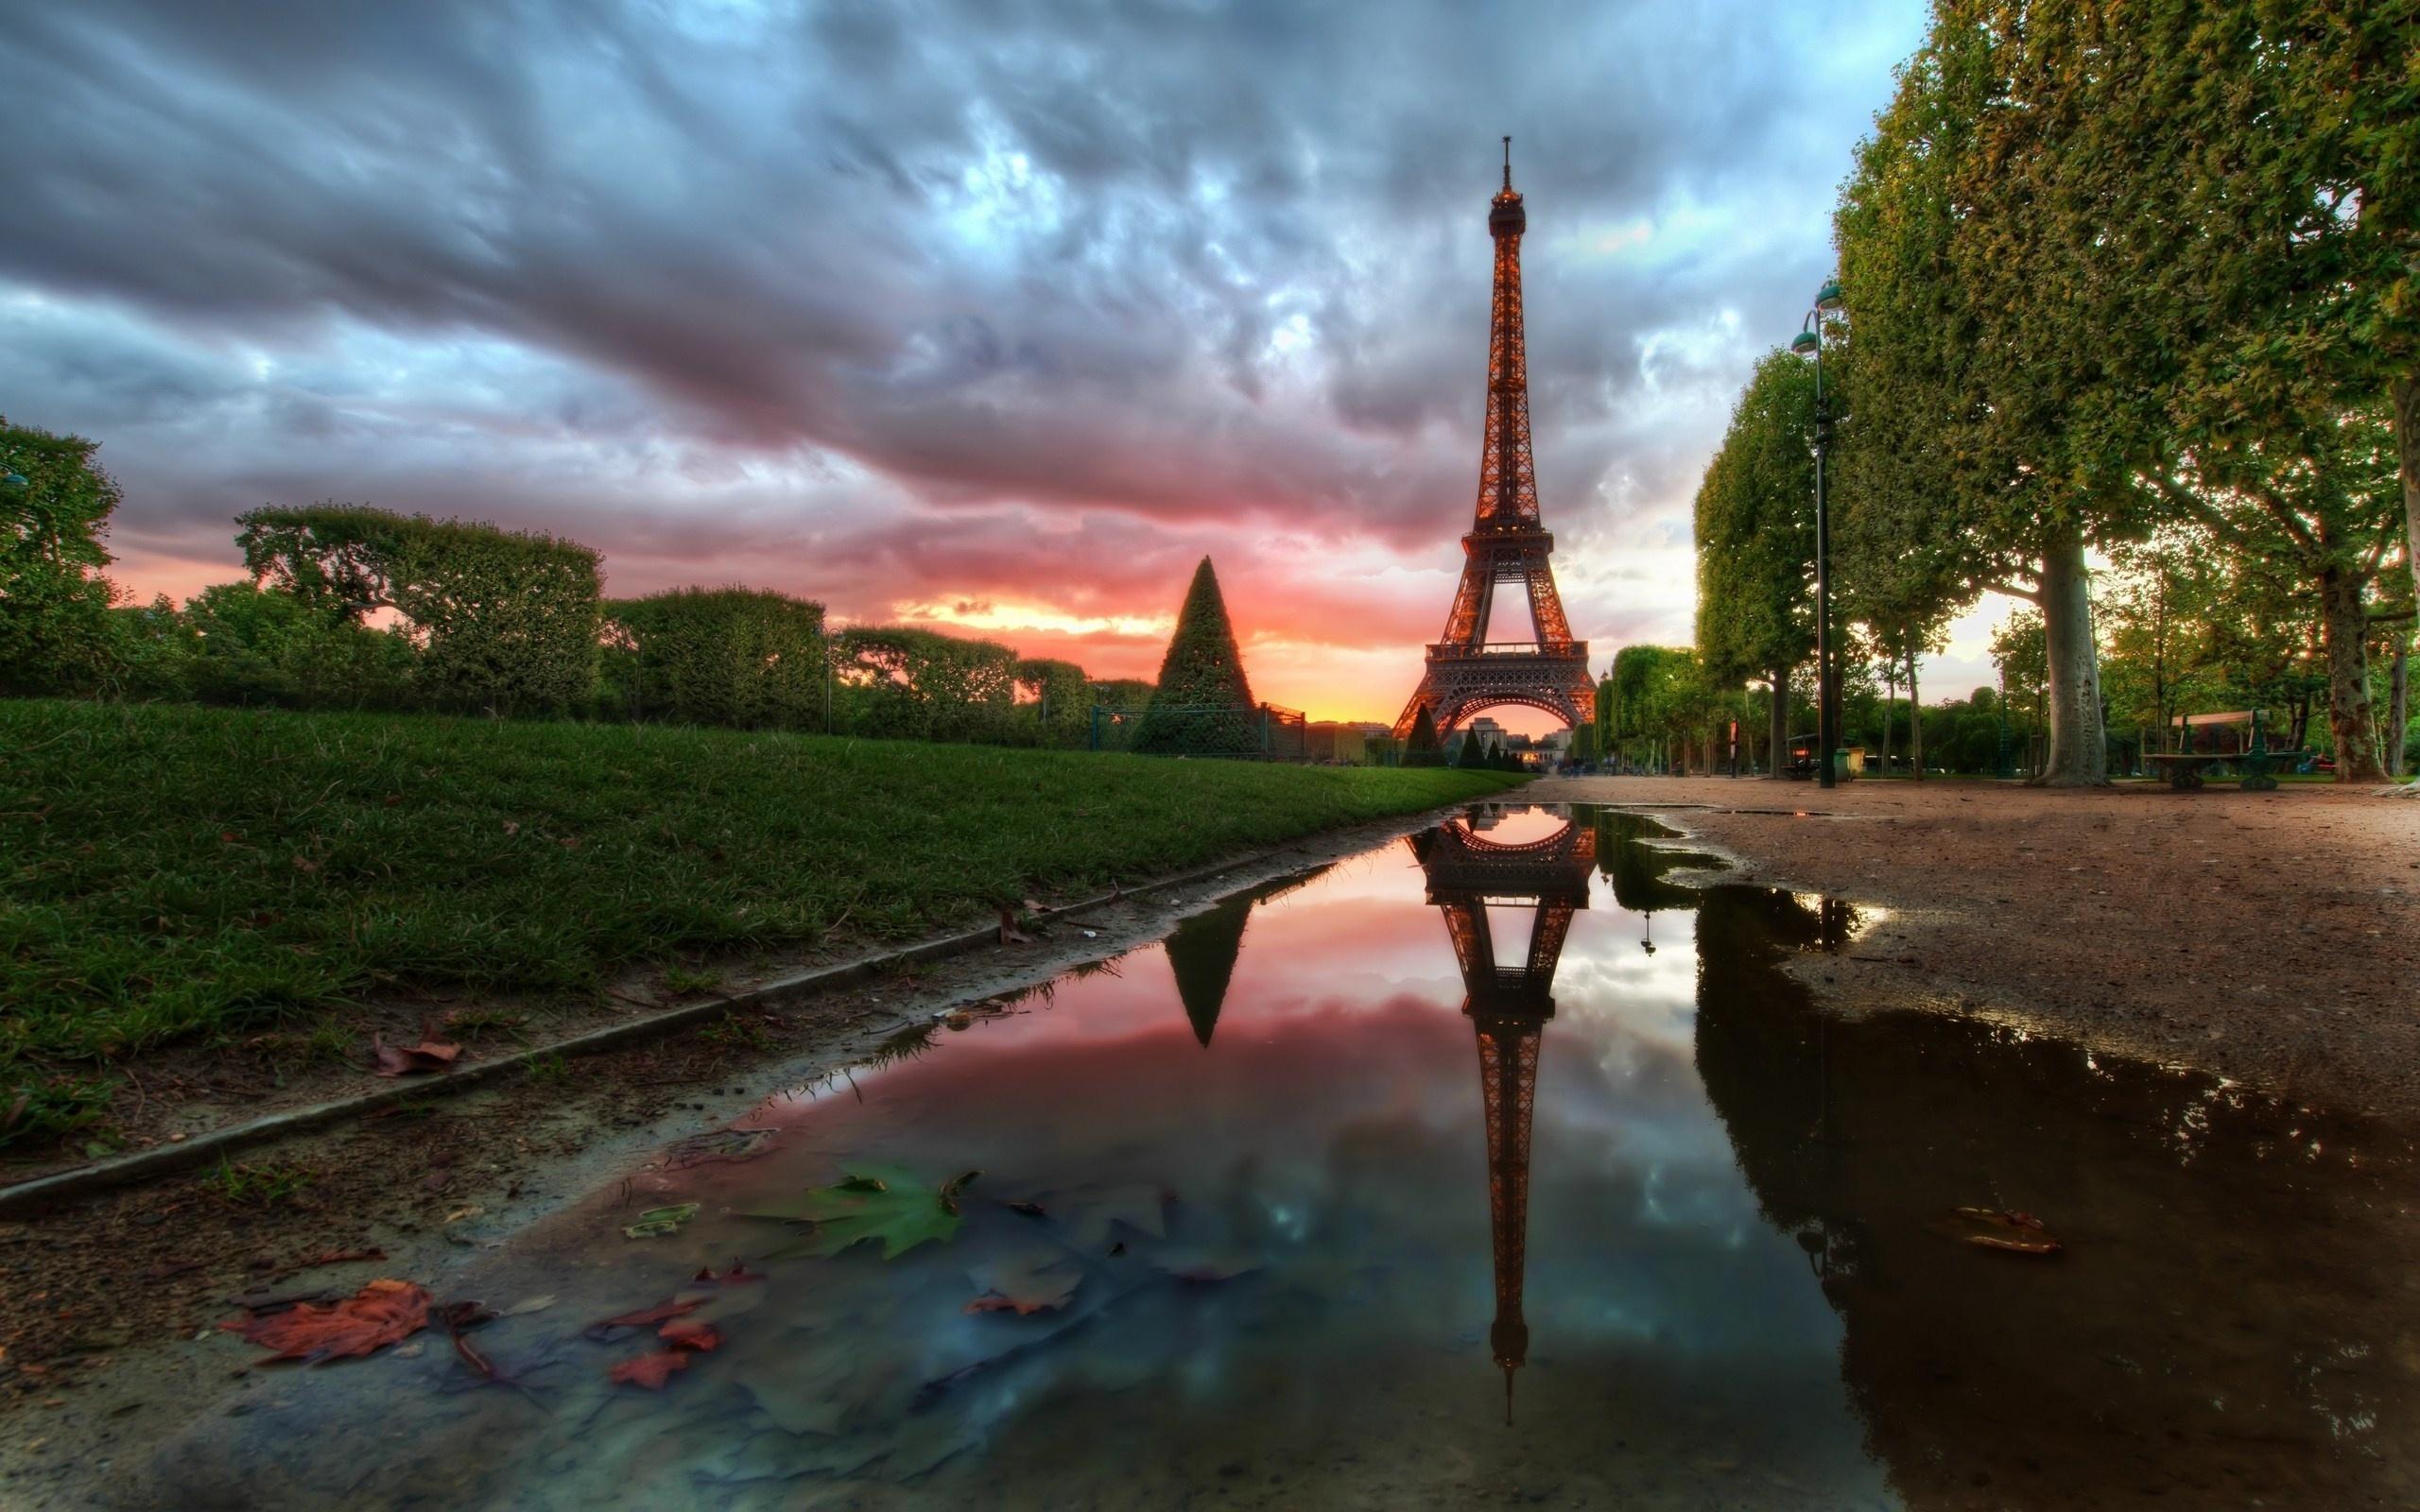 252 Eiffel Tower HD Wallpapers